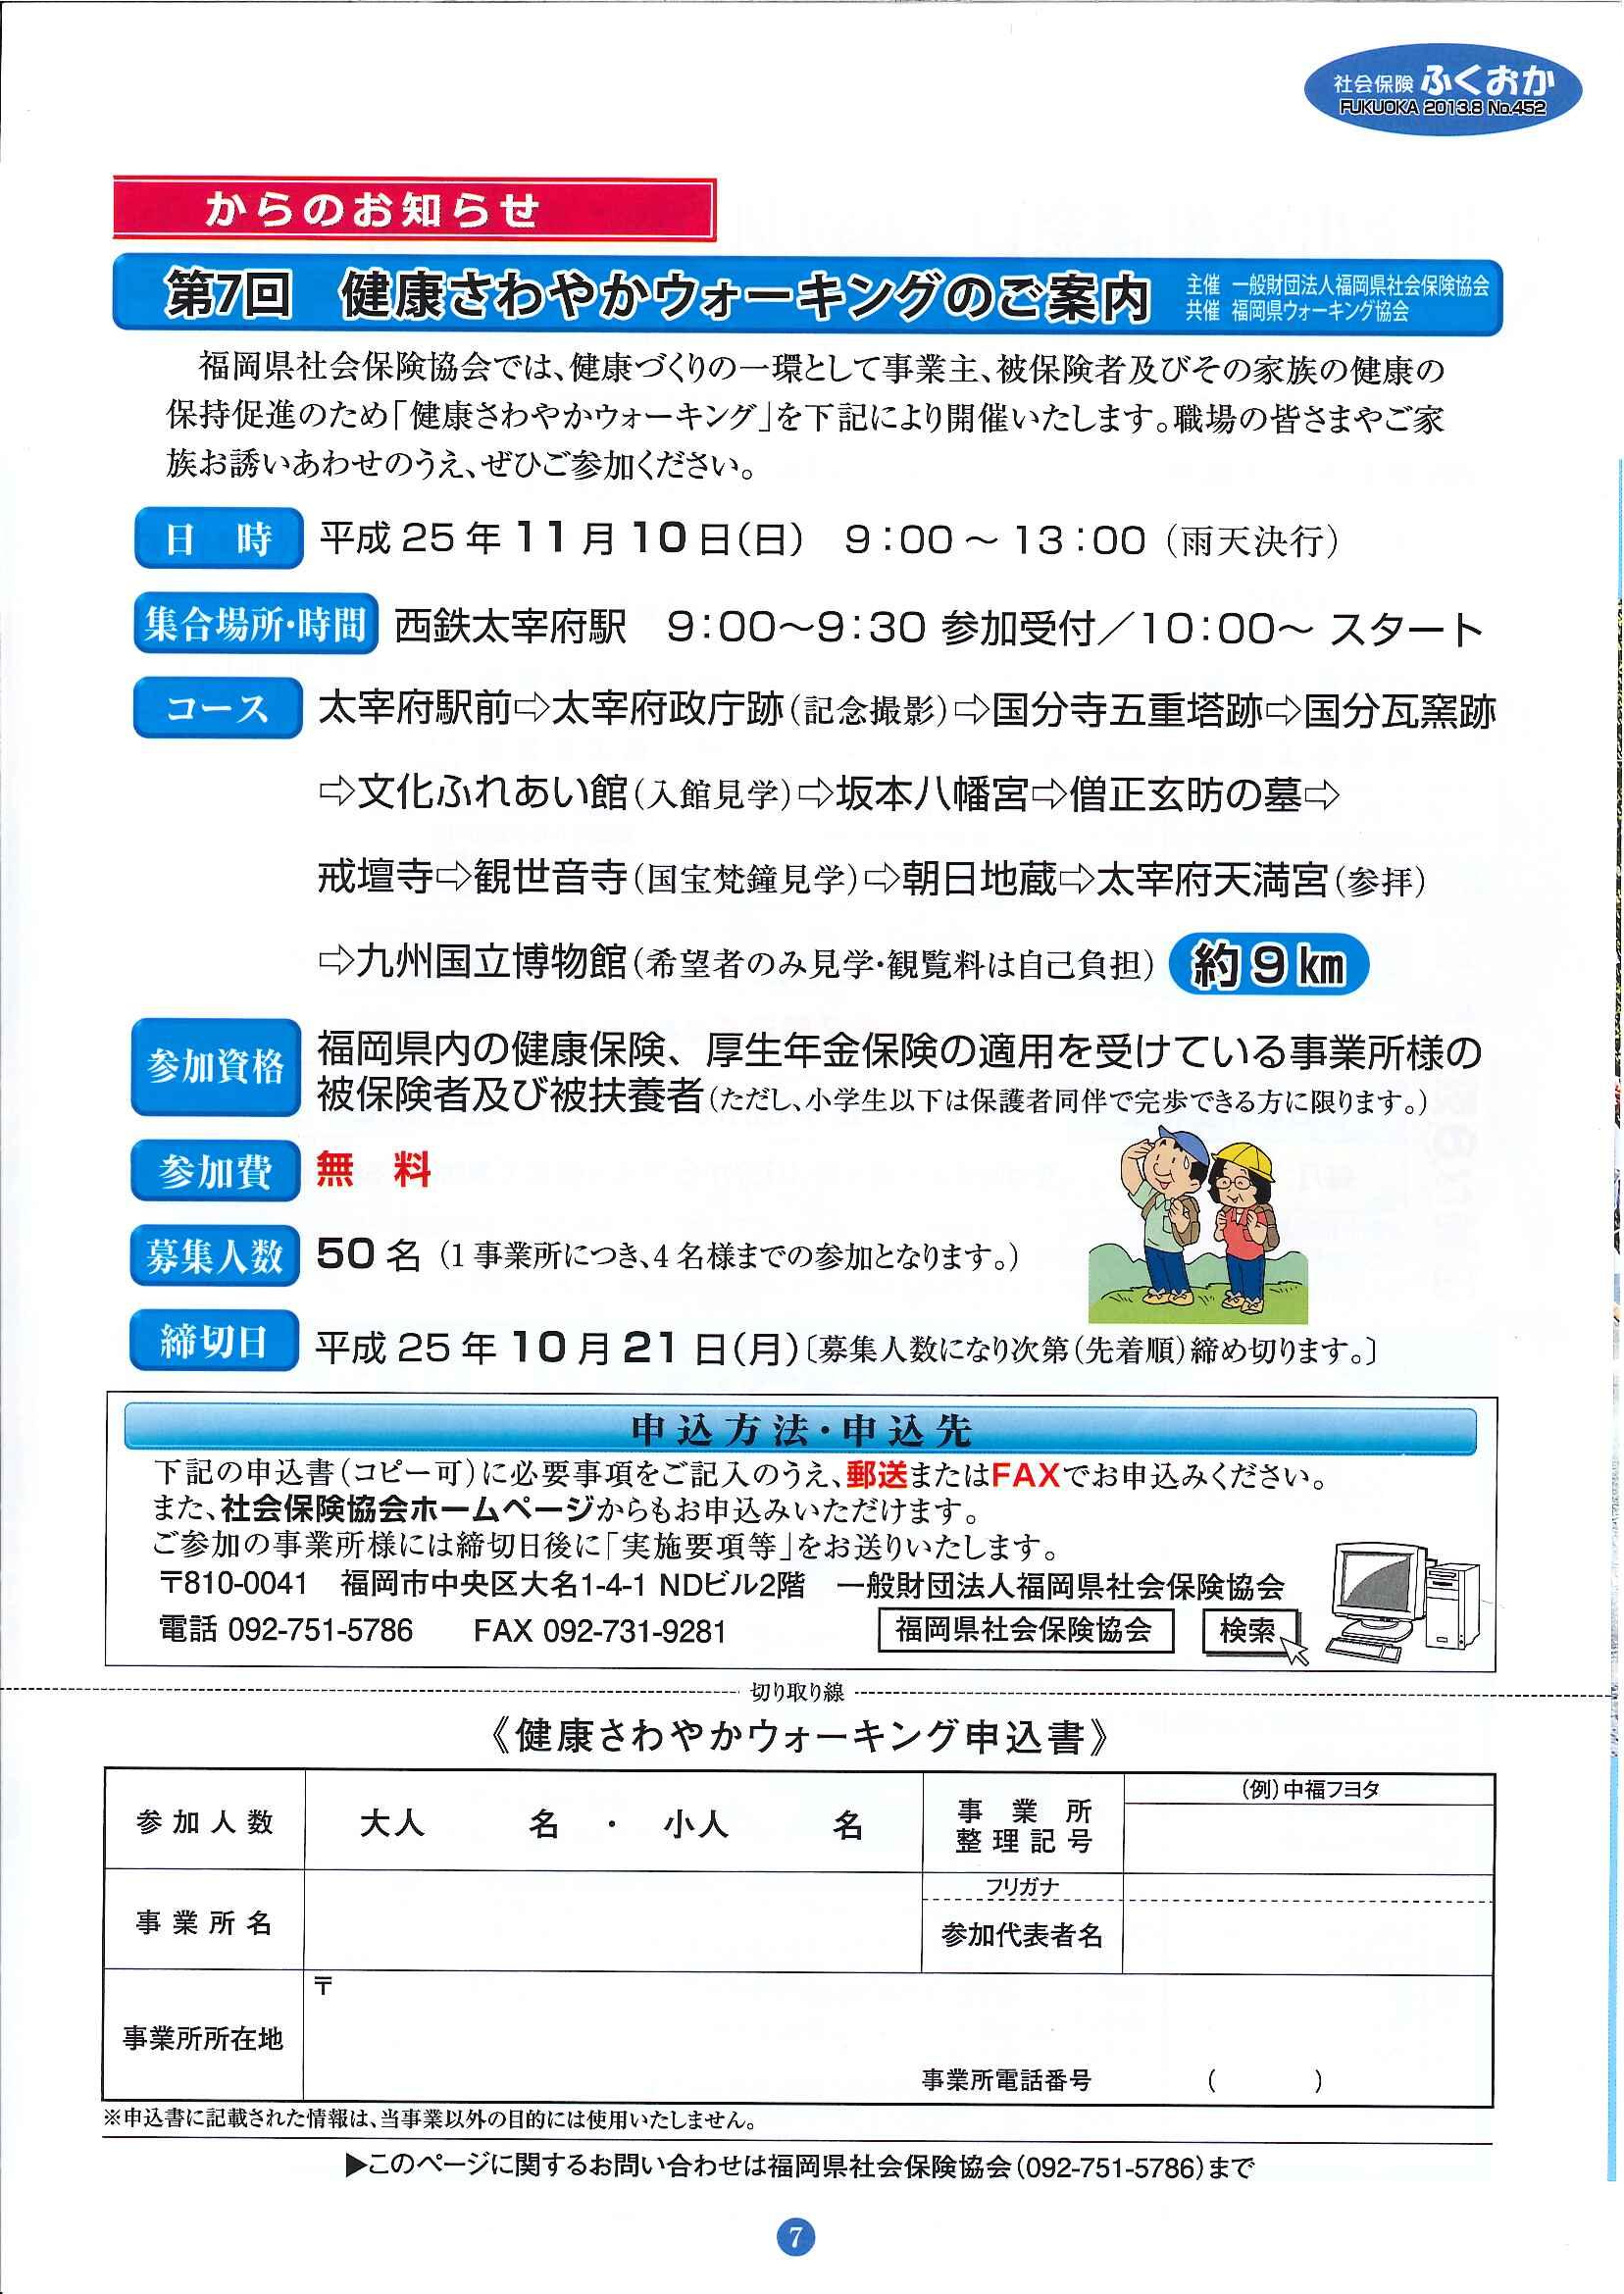 社会保険 ふくおか 2013年8月号_f0120774_1456370.jpg